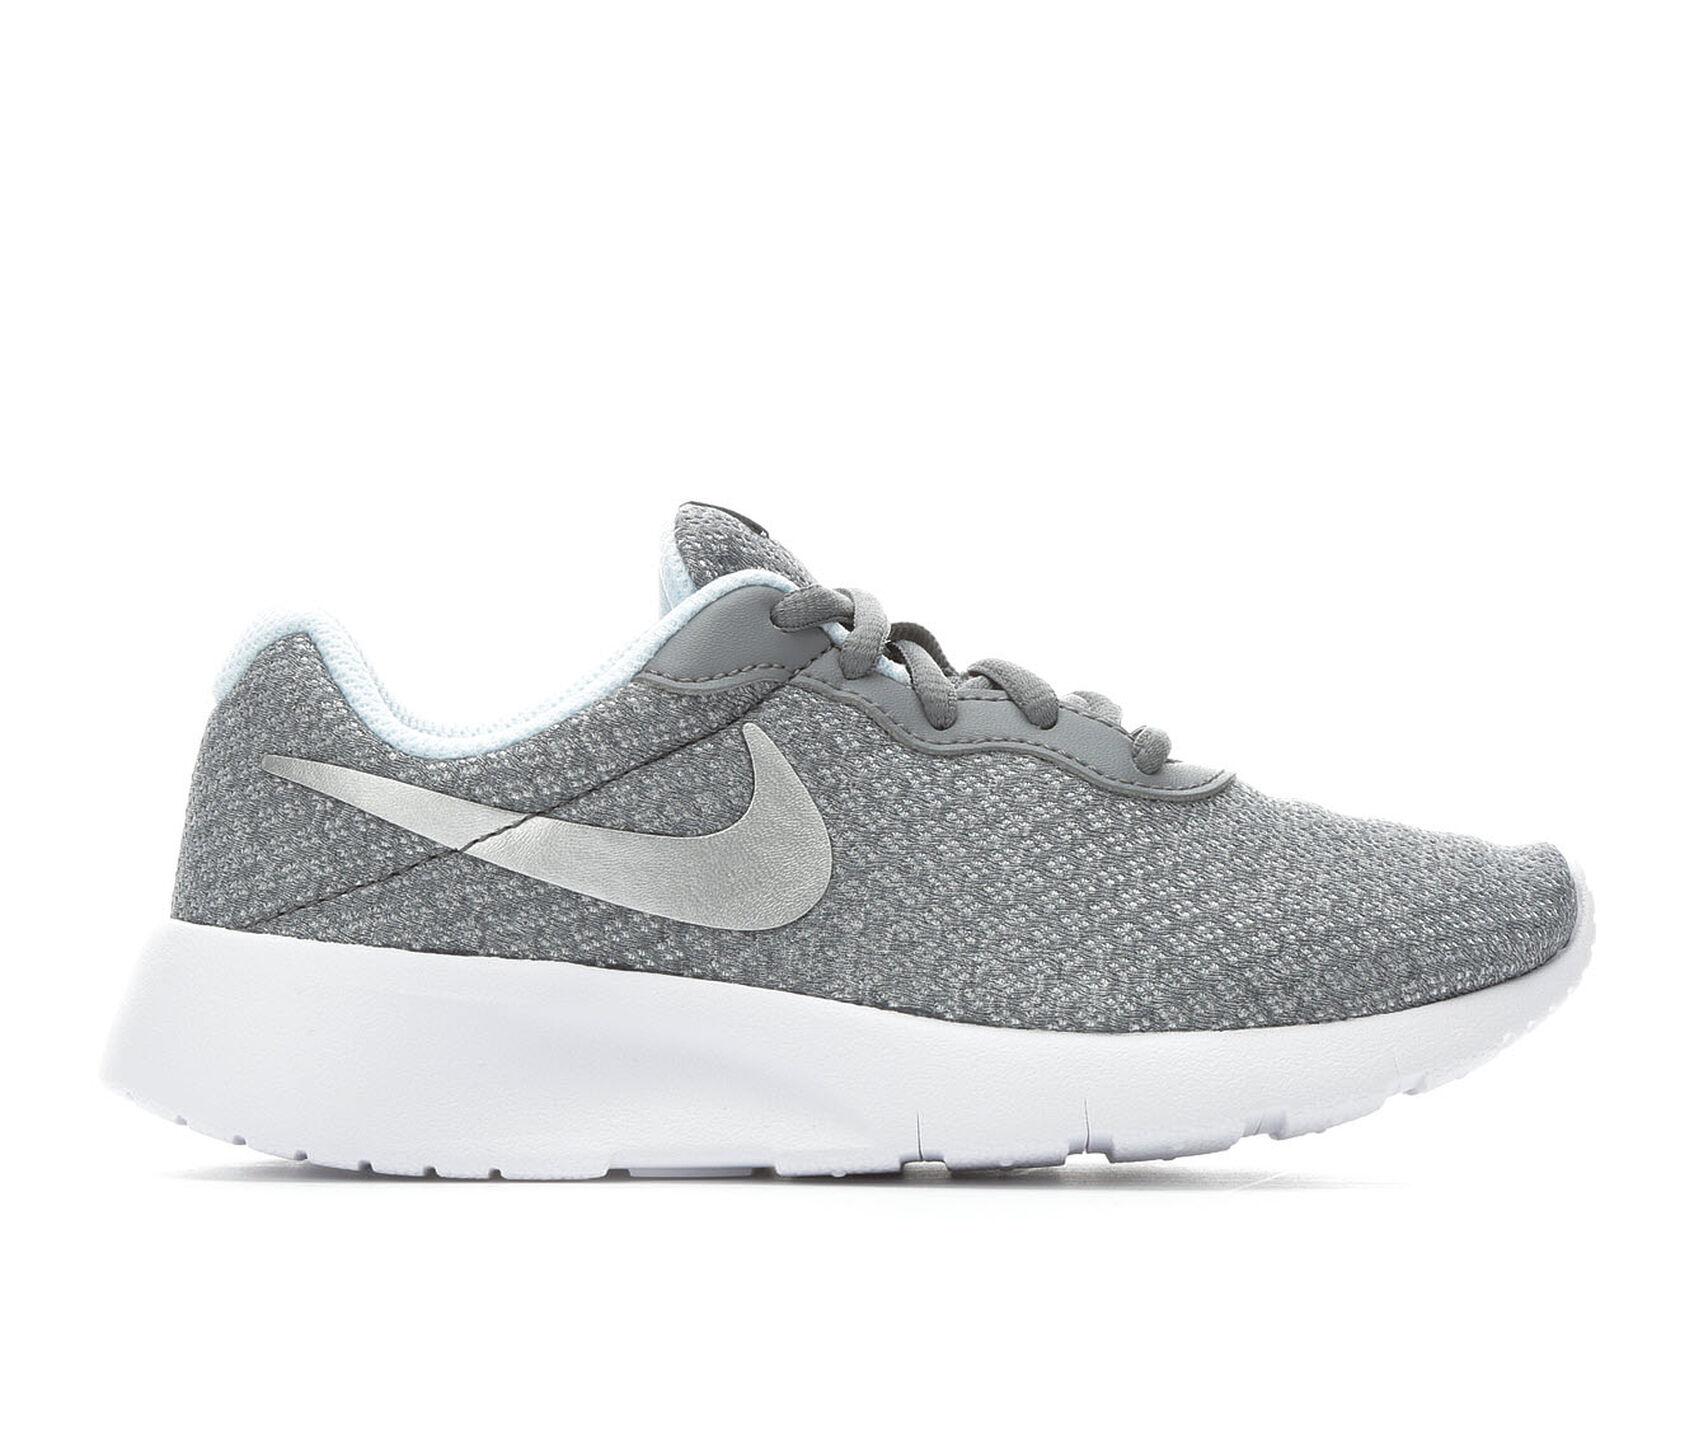 Nike Roshe Shoe Carnival